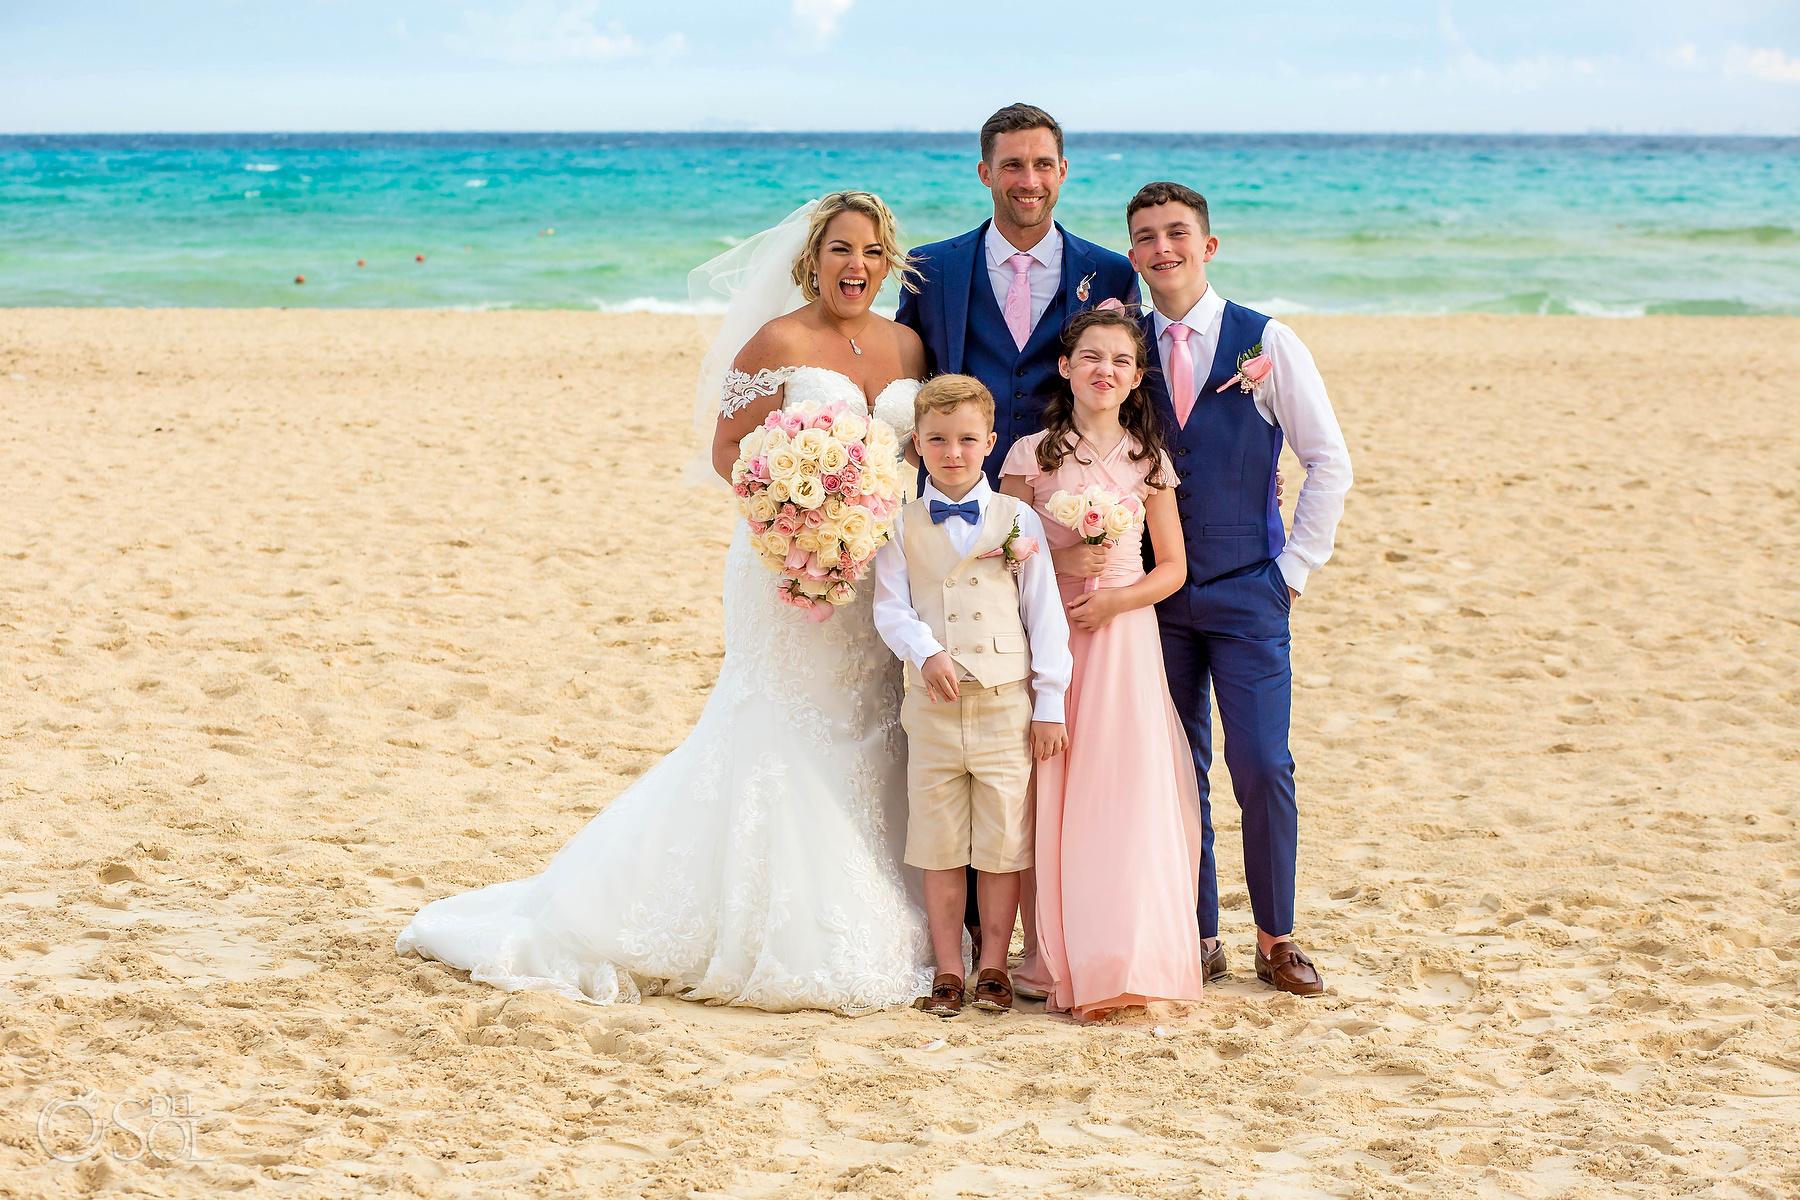 Riu Palace Wedding Photographer